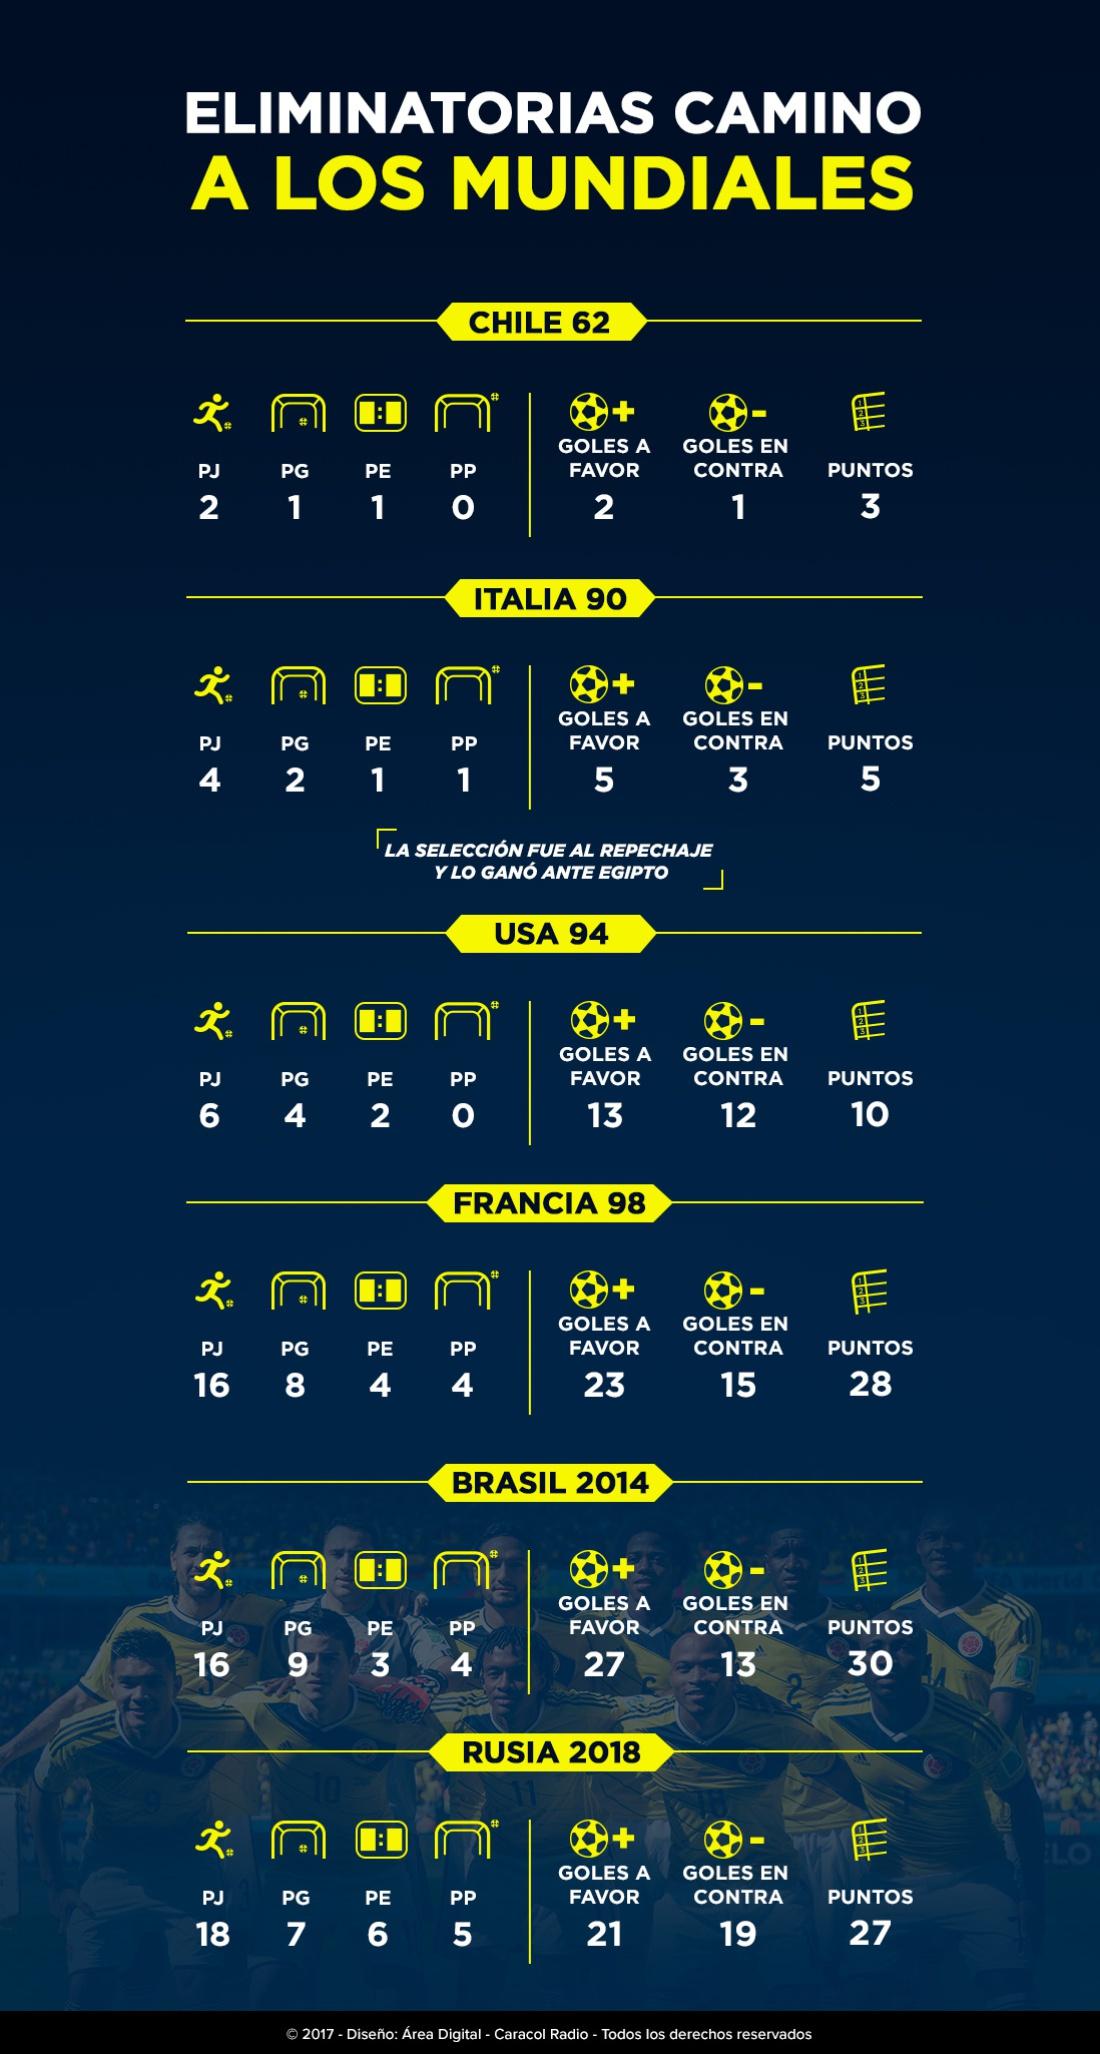 Colombia clasificación sexto Mundial Rusia 2018: Colombia sella la sexta participación a una Copa del Mundo en su historia